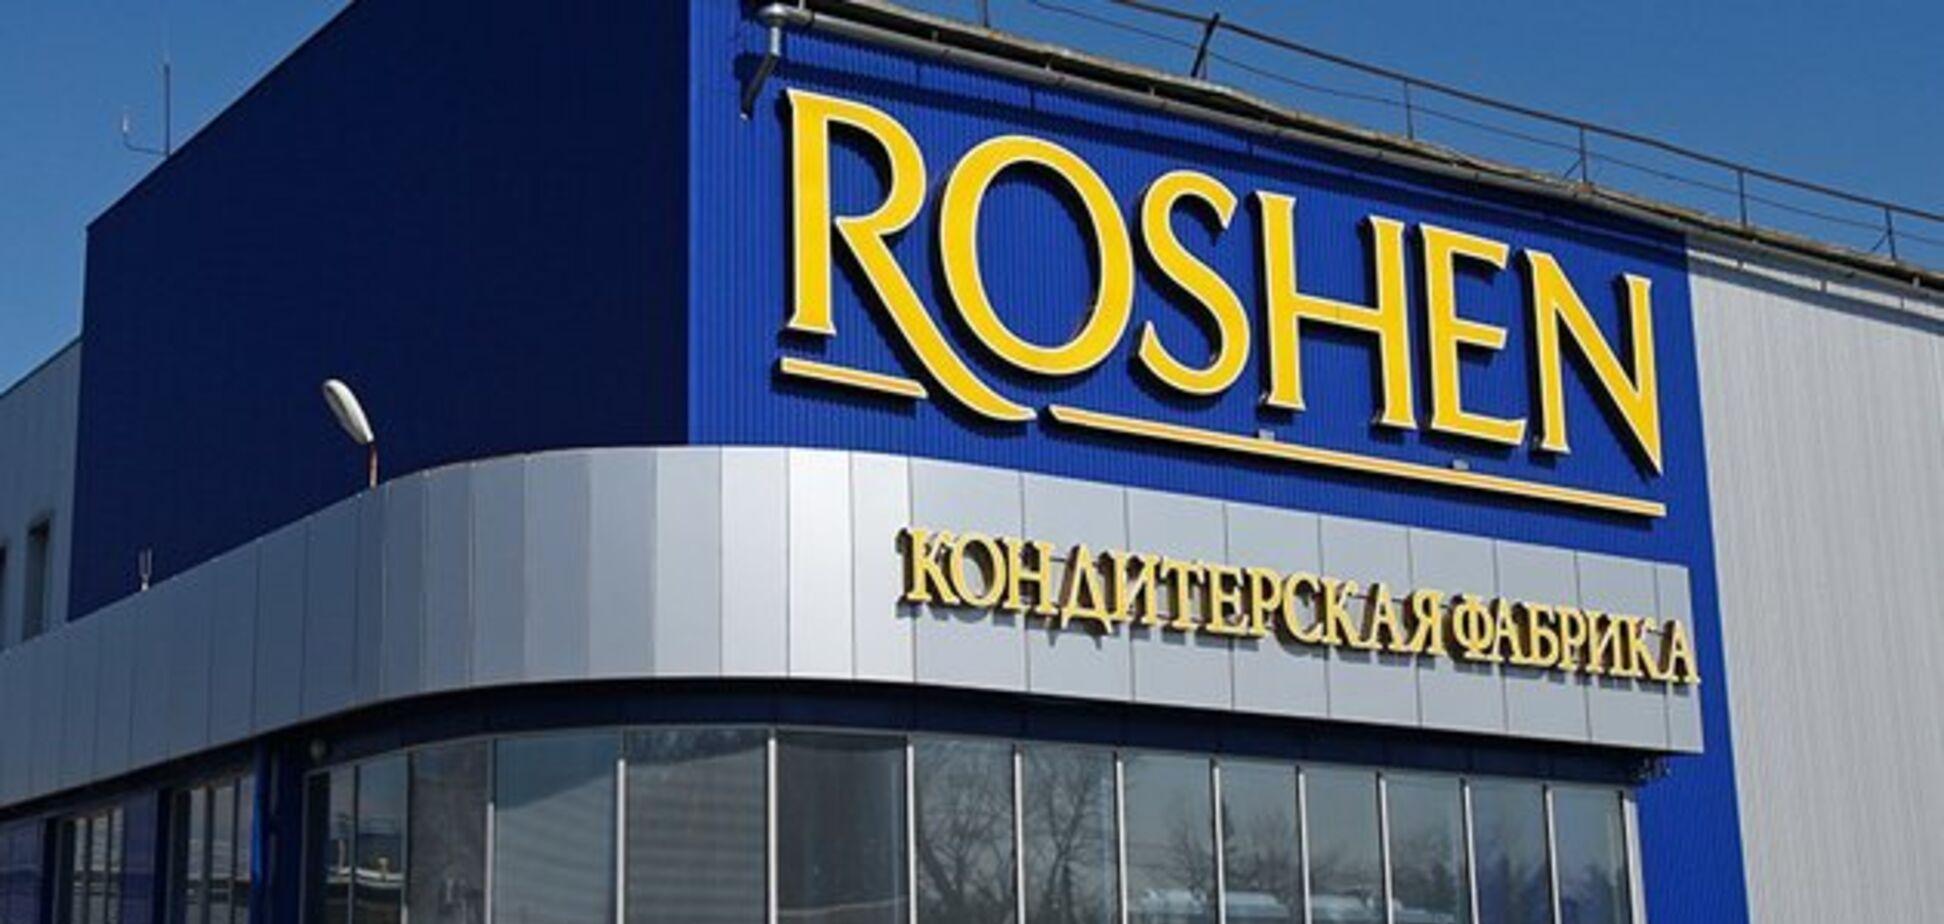 Арешт Липецької фабрики Roshen: у Росії зважилися на нову підлість